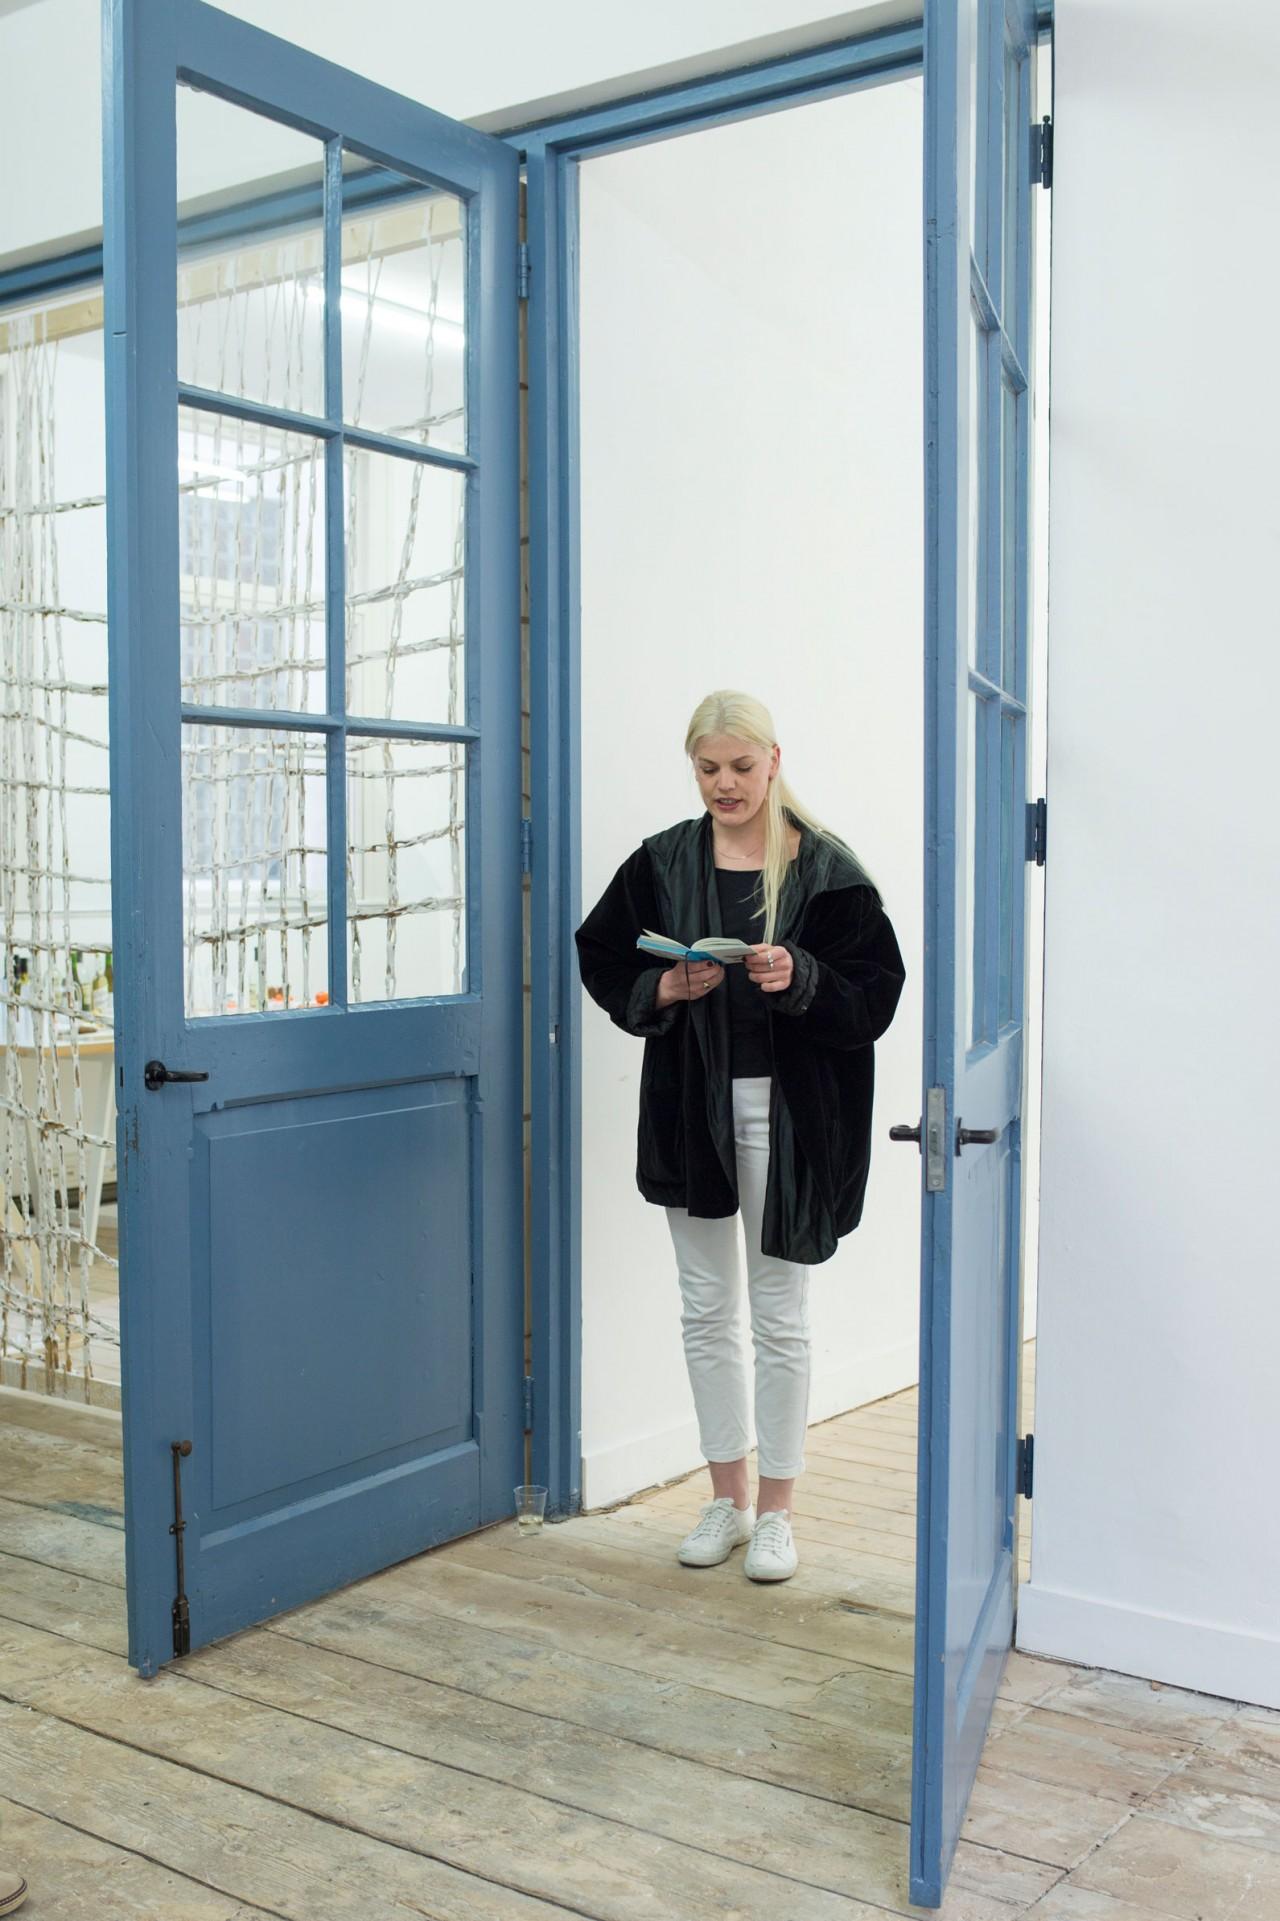 Marie Ilse Bourlanges Disclosing @ Castrum Peregrini